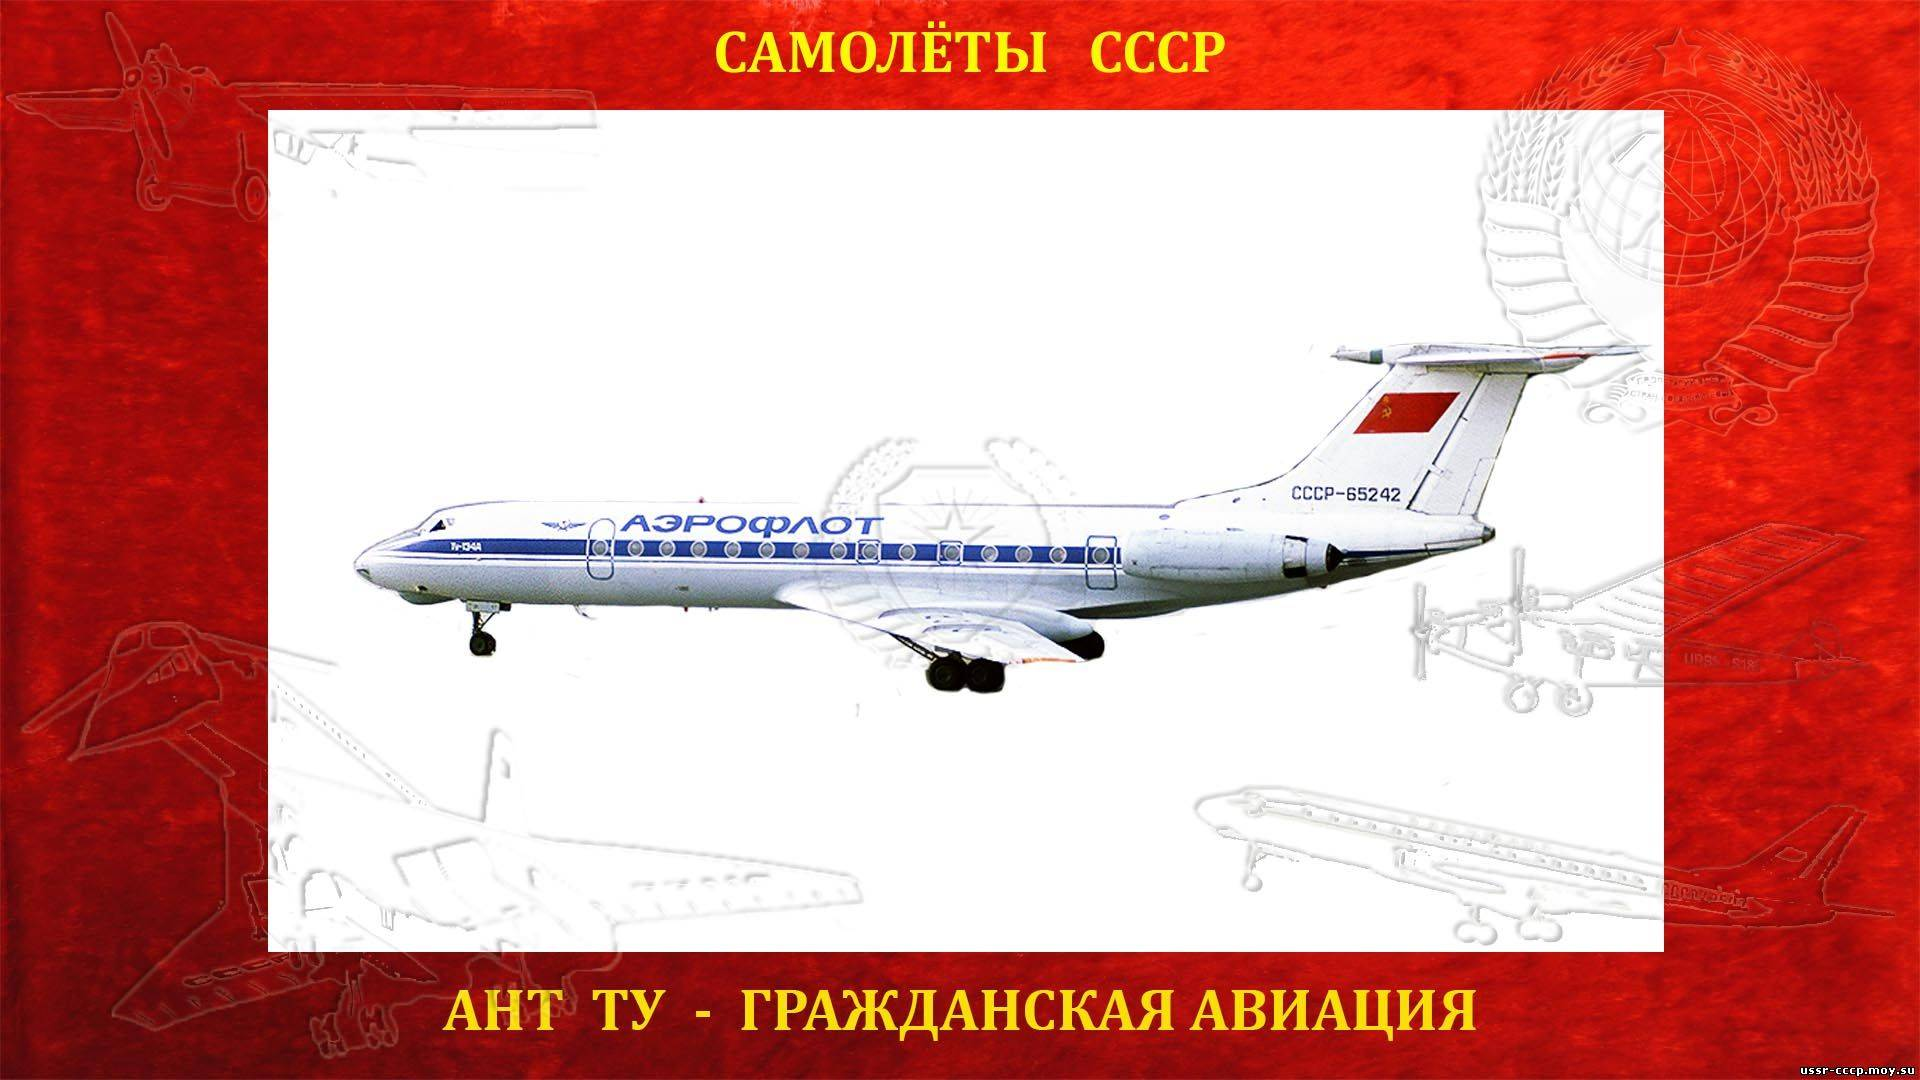 Последняя посадка: легендарный ту-134 снят с полетов - технологии - info.sibnet.ru